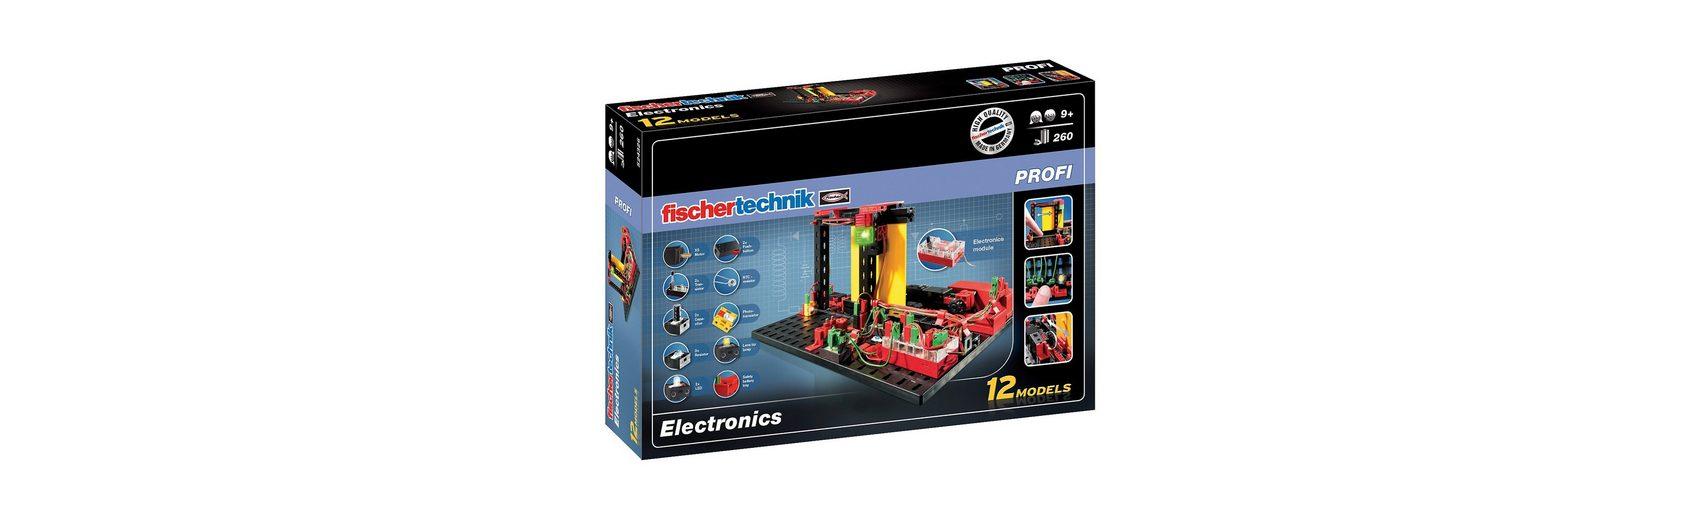 """fischertechnik PROFI """"Electronics"""" - Elektronik Baukasten"""